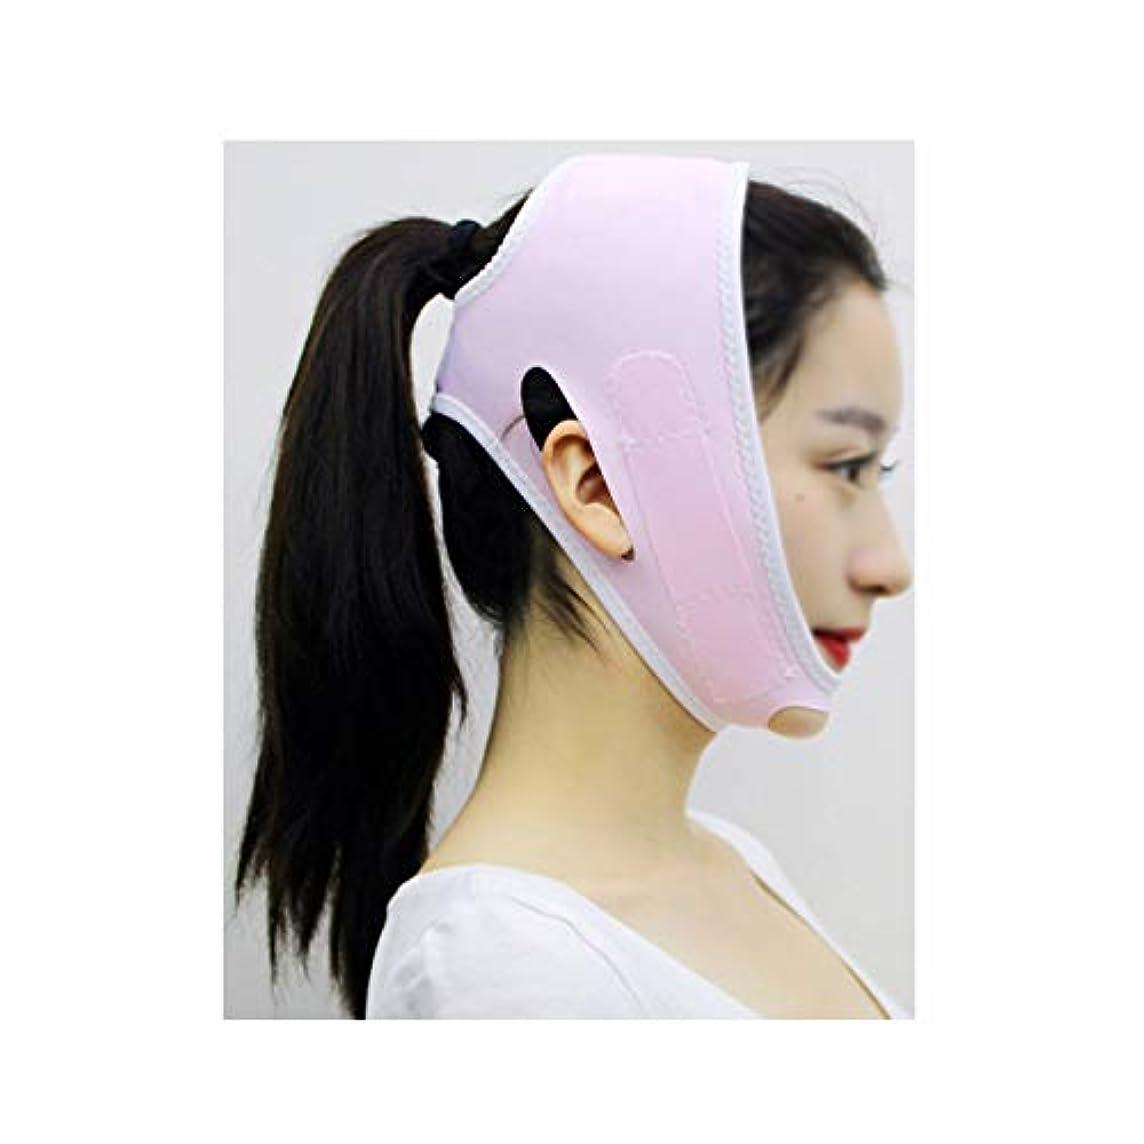 キモい批判的に公然とフェイスリフトマスク、あごストラップ回復ポスト包帯ヘッドギアフェイスマスクフェイスリフト小さなv顔アーティファクト整形美容ゴムバンドフェイスとネックリフト (Color : Pink)